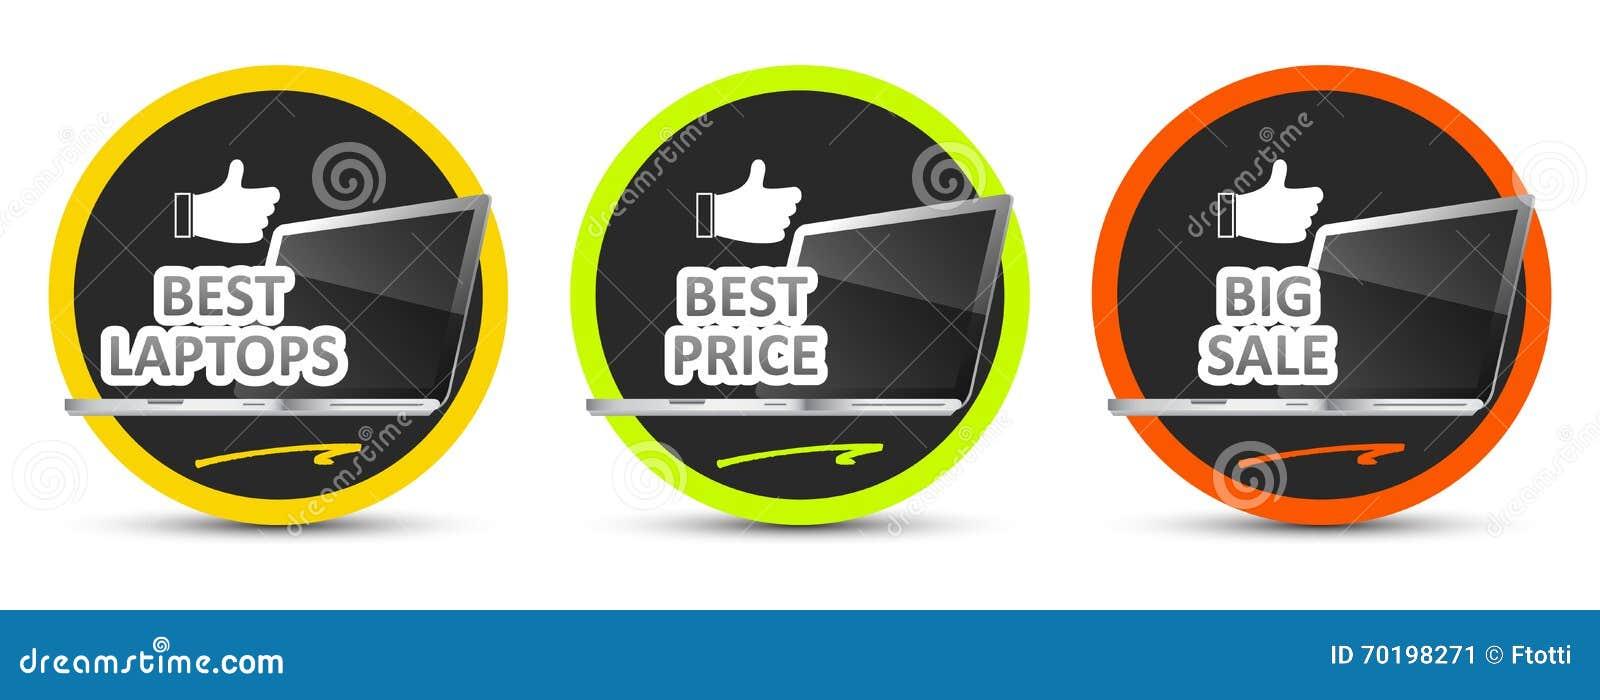 Mest bra bärbar dator bäst pris stor försäljning gears symbolen